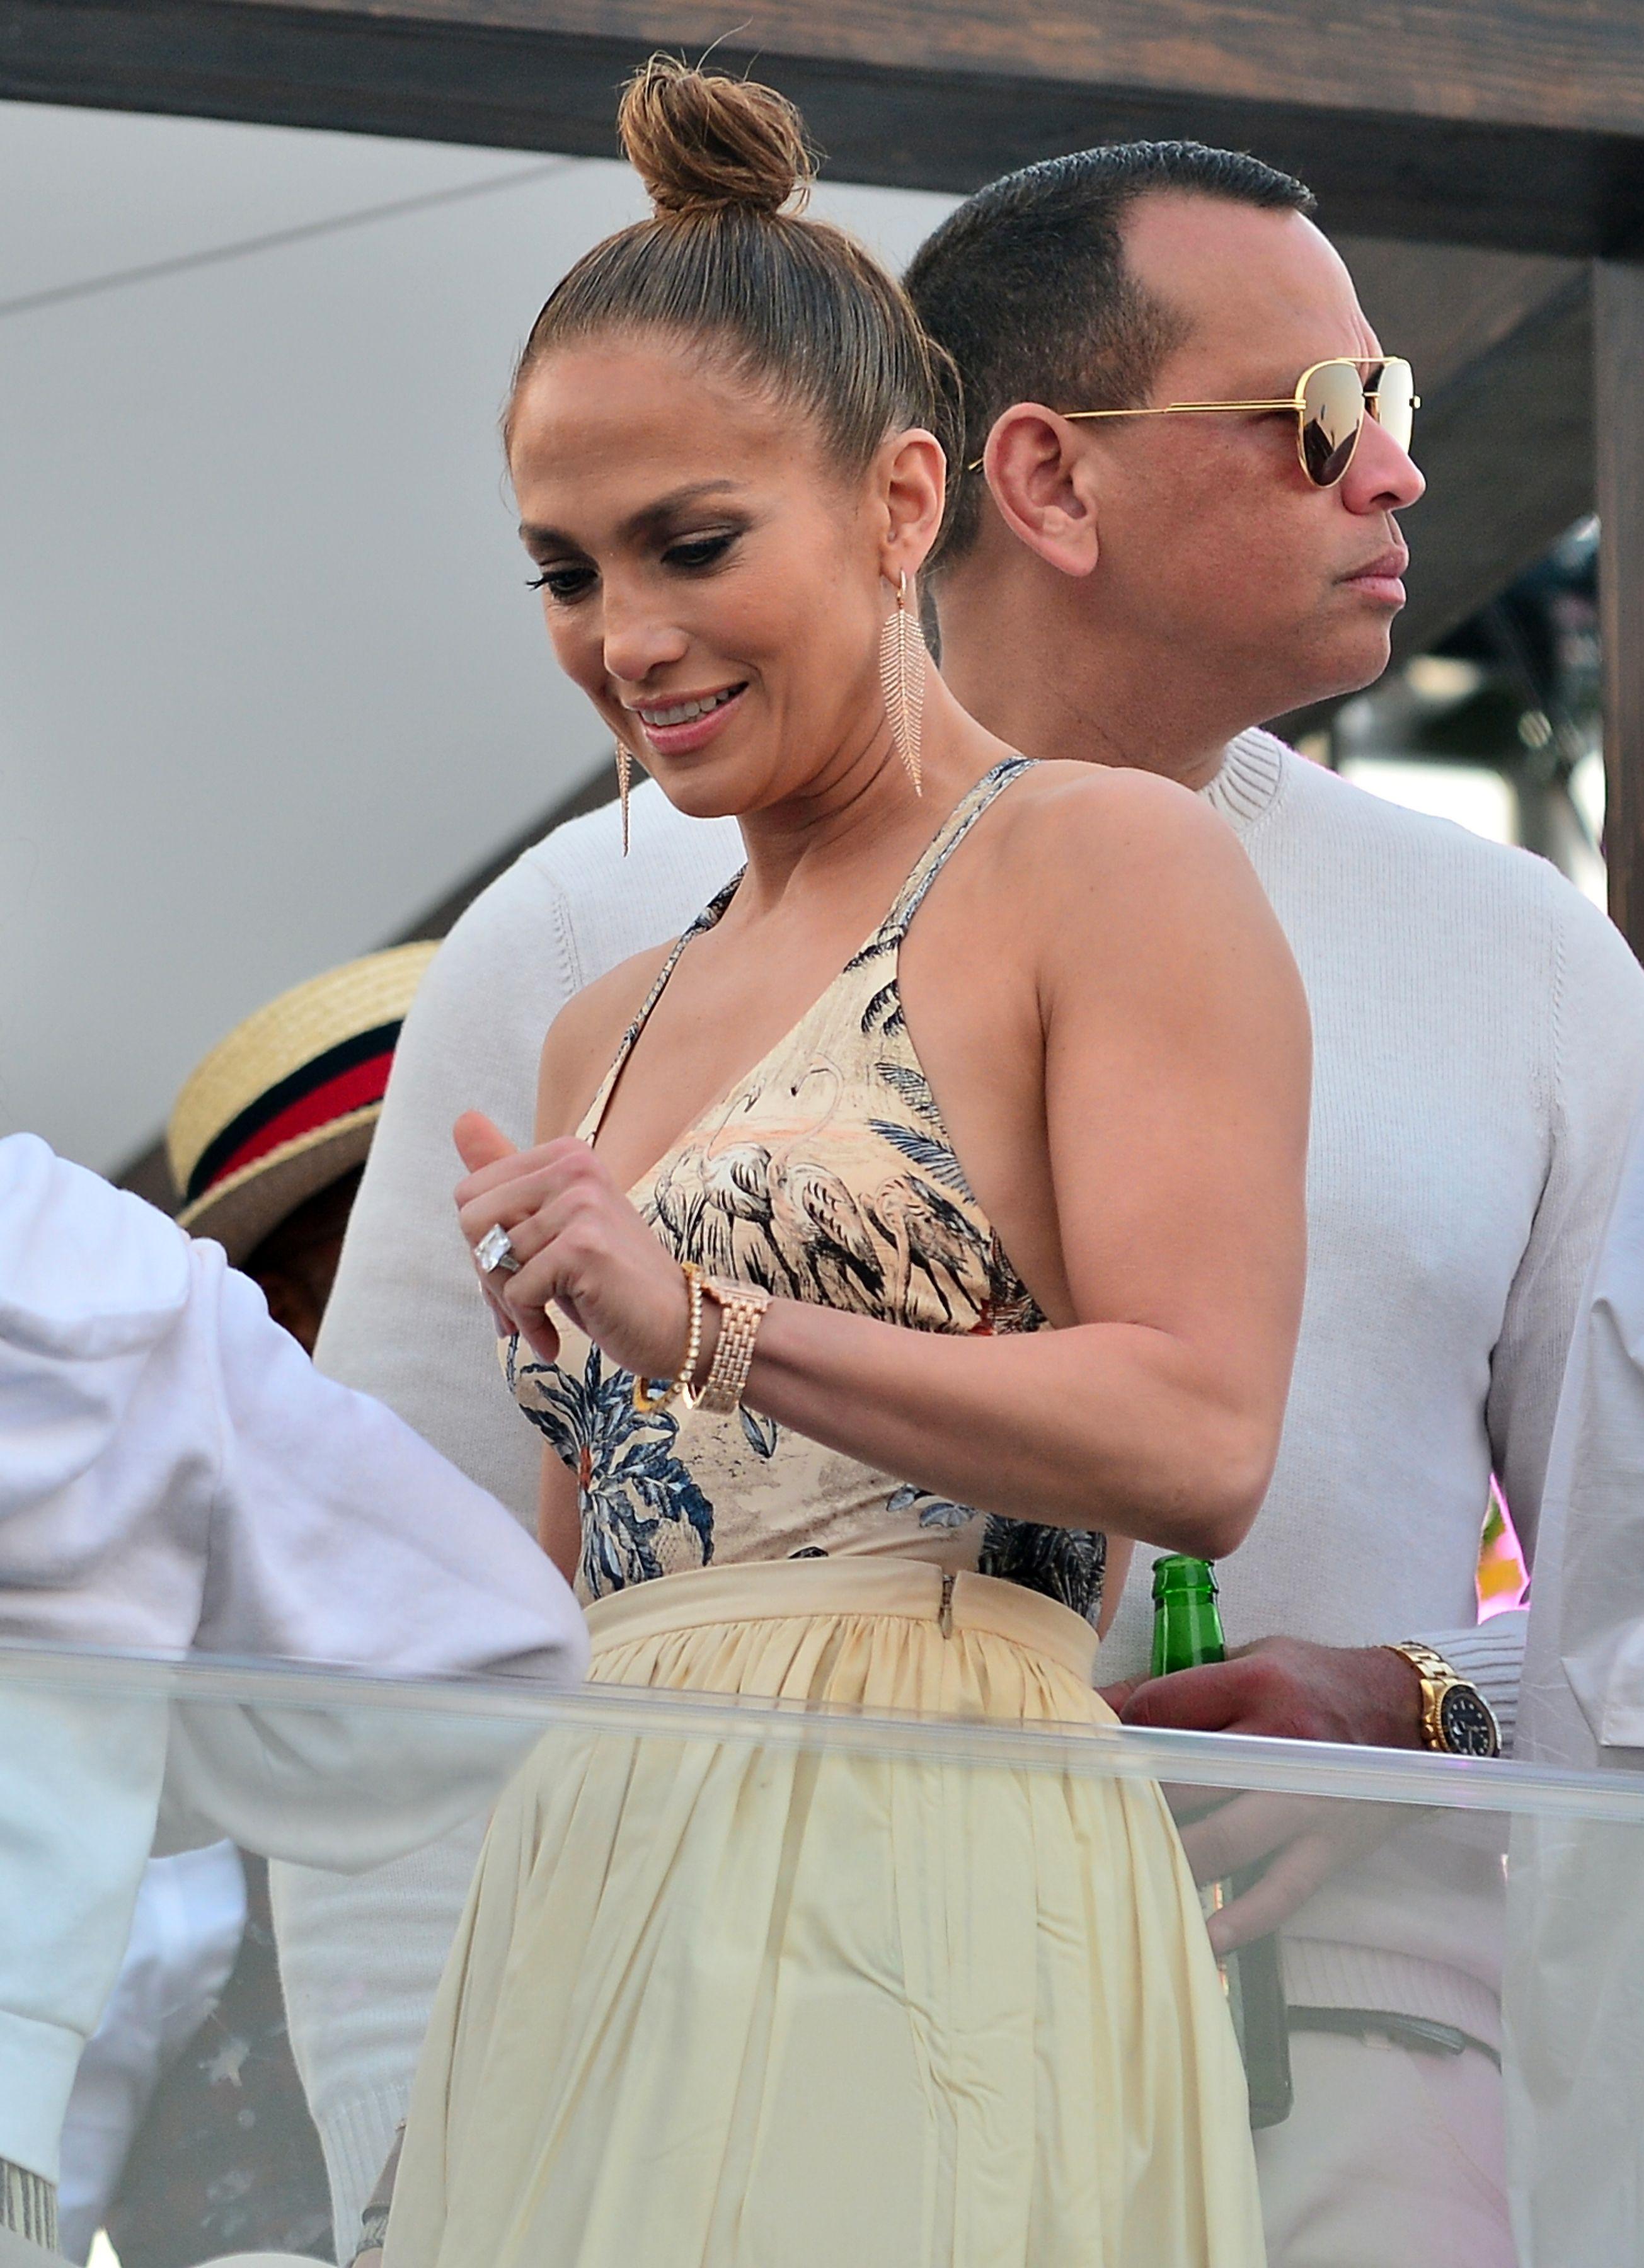 Jennifer Lopez Rocks A Chic Lounge Outfit By Naked Cashmere